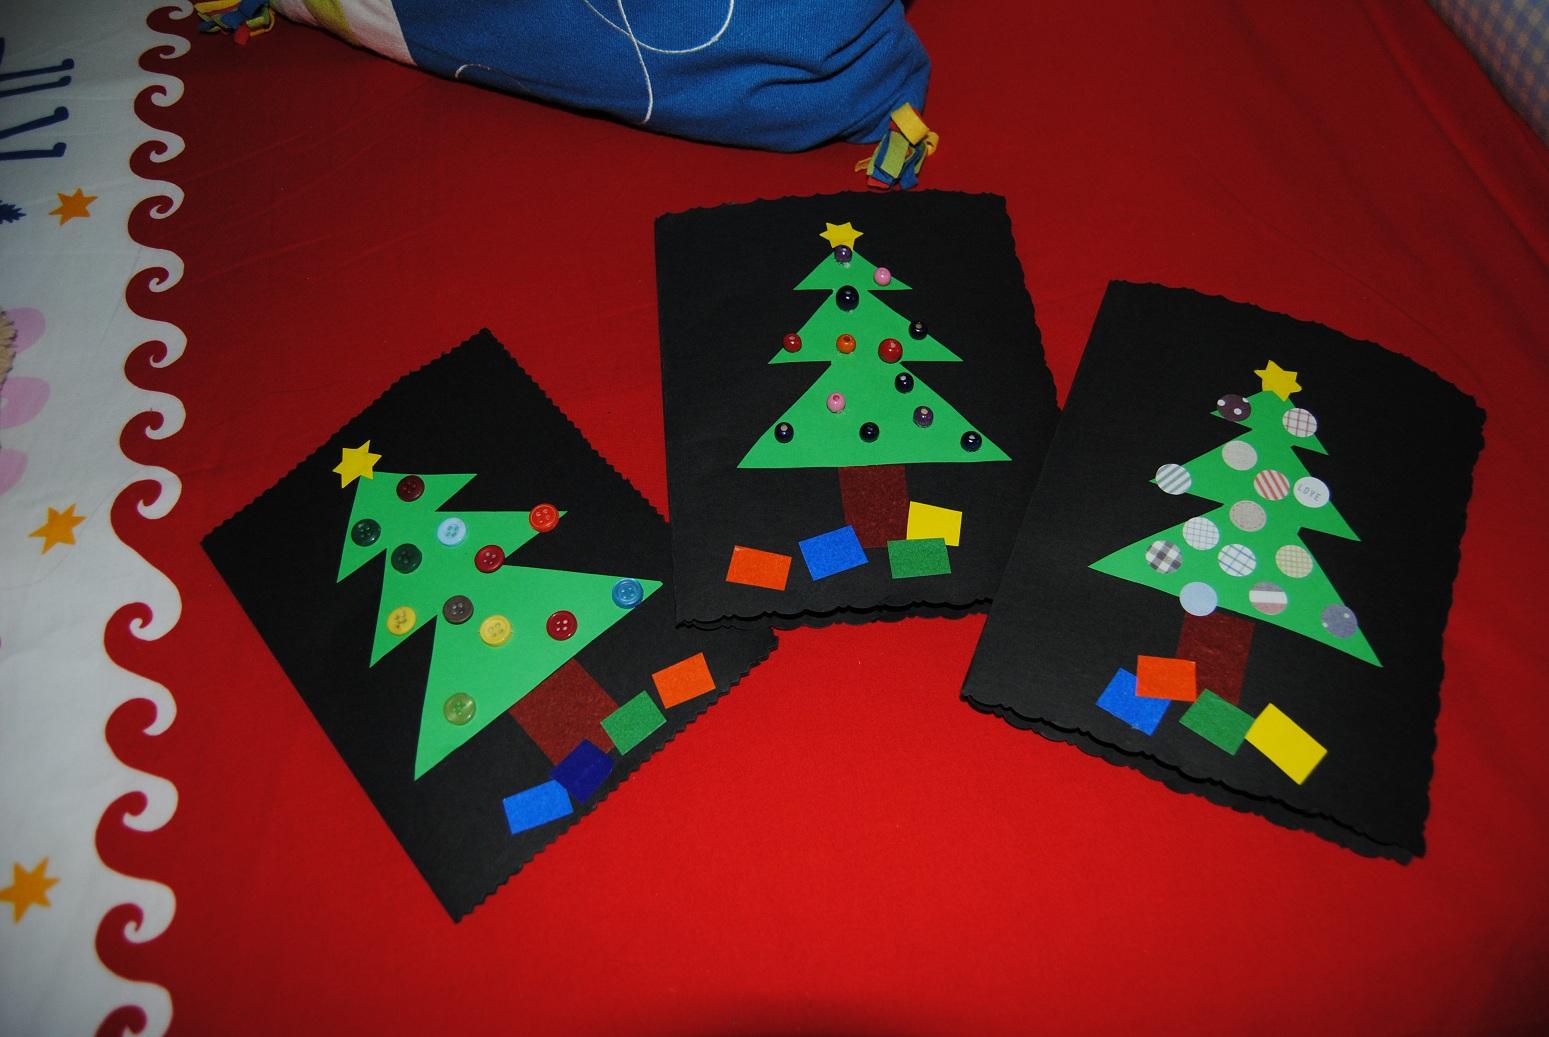 Trastadas de mam felicitaciones navide as - Manualidades para navidades ...